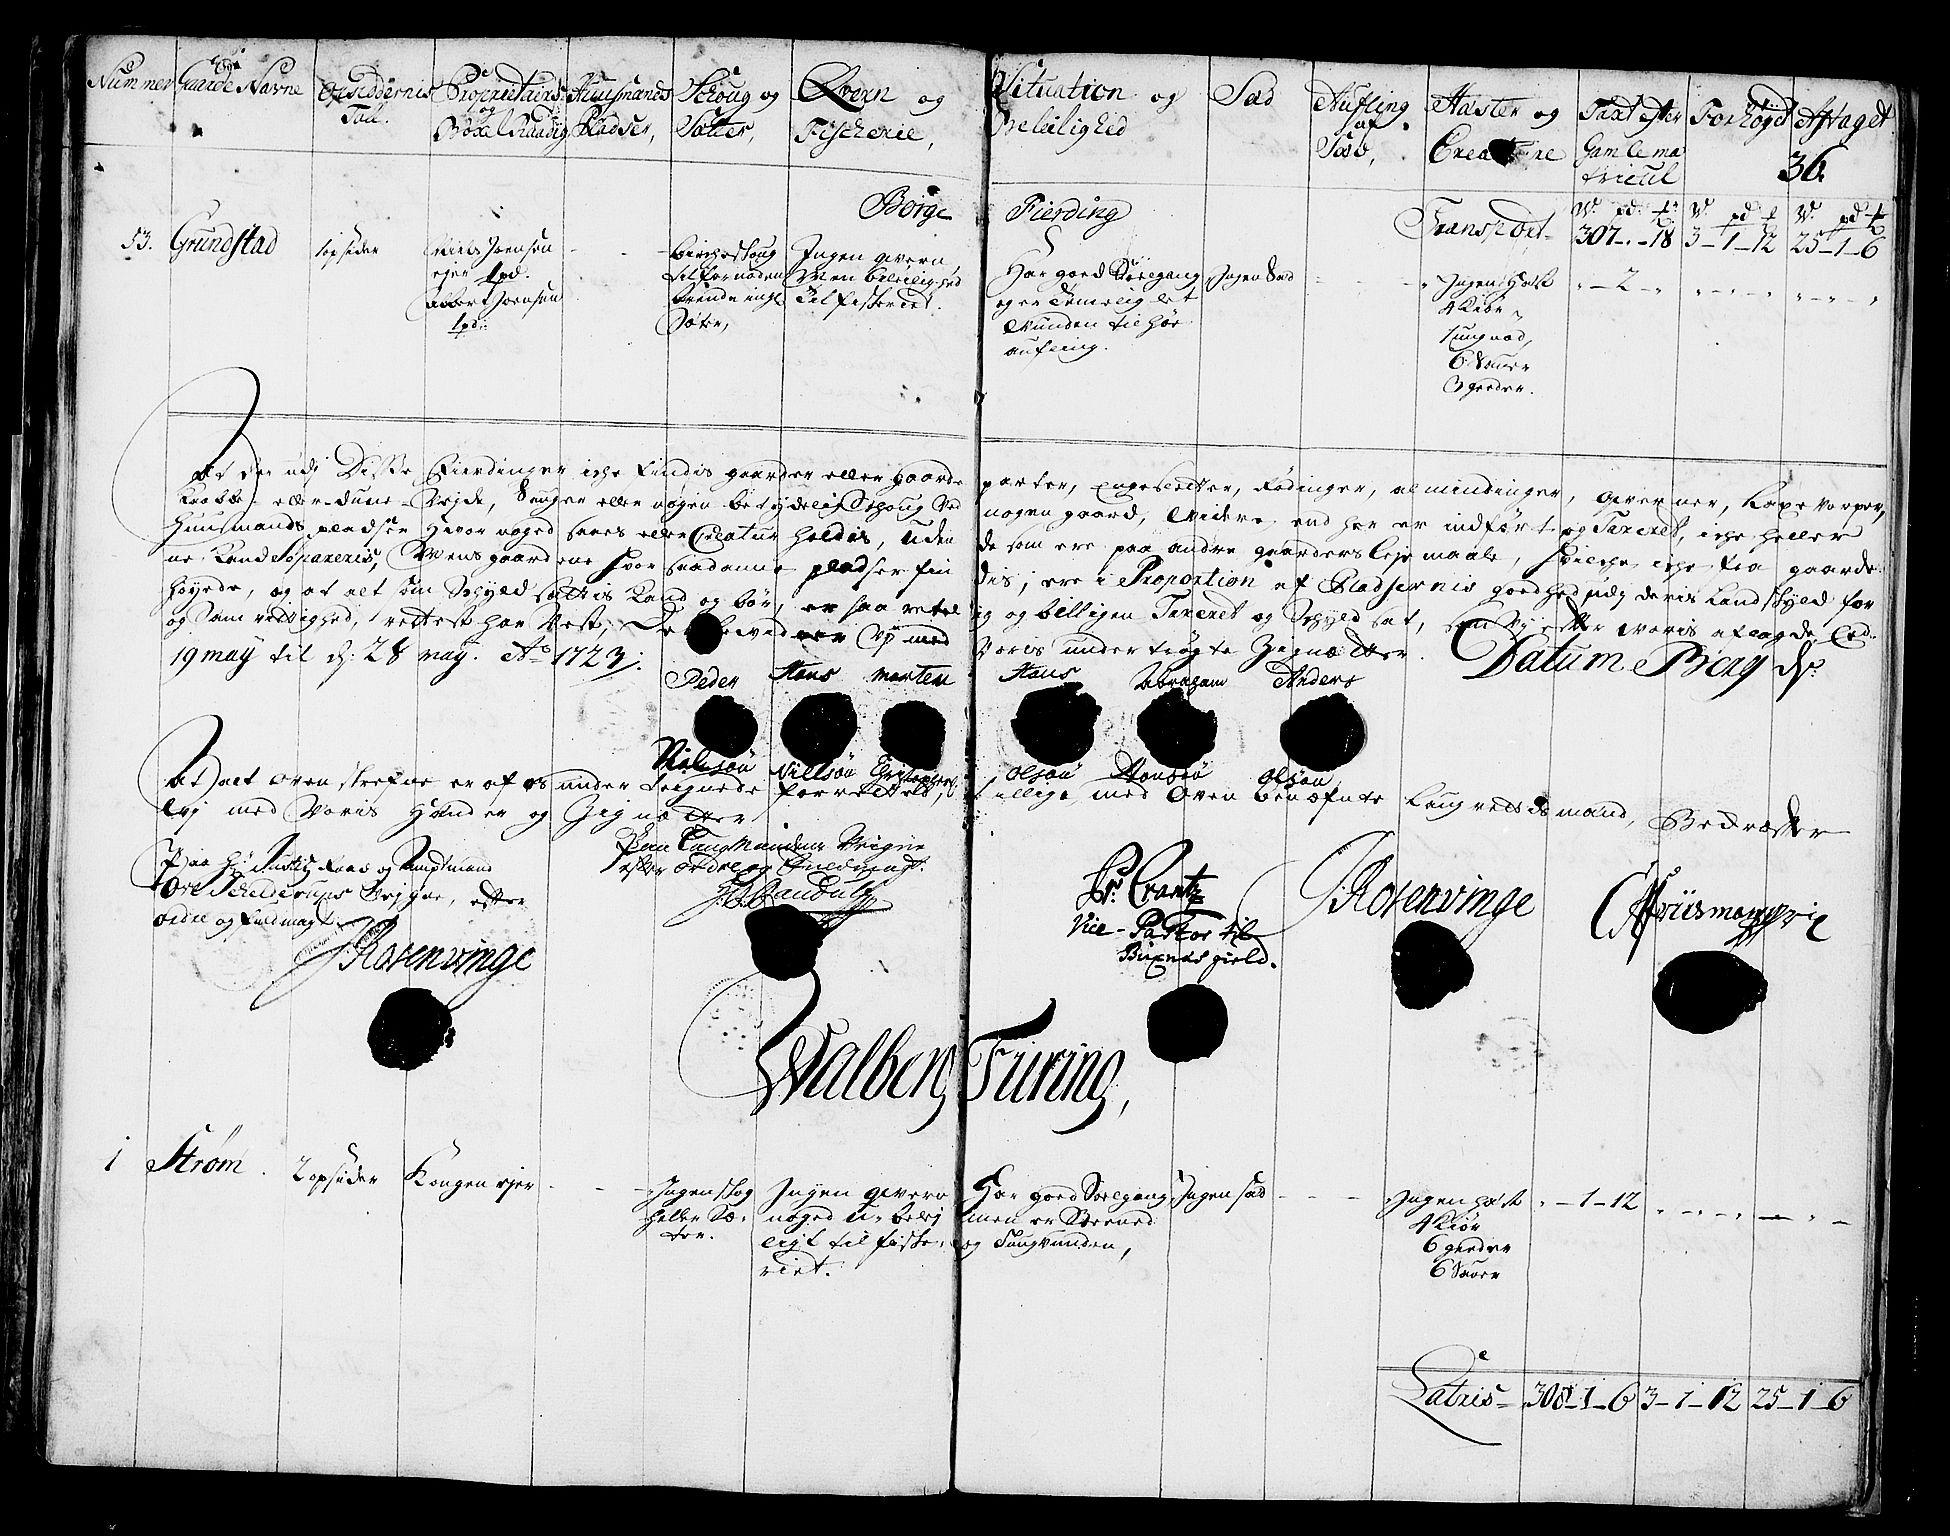 RA, Rentekammeret inntil 1814, Realistisk ordnet avdeling, N/Nb/Nbf/L0174: Lofoten eksaminasjonsprotokoll, 1723, s. 35b-36a